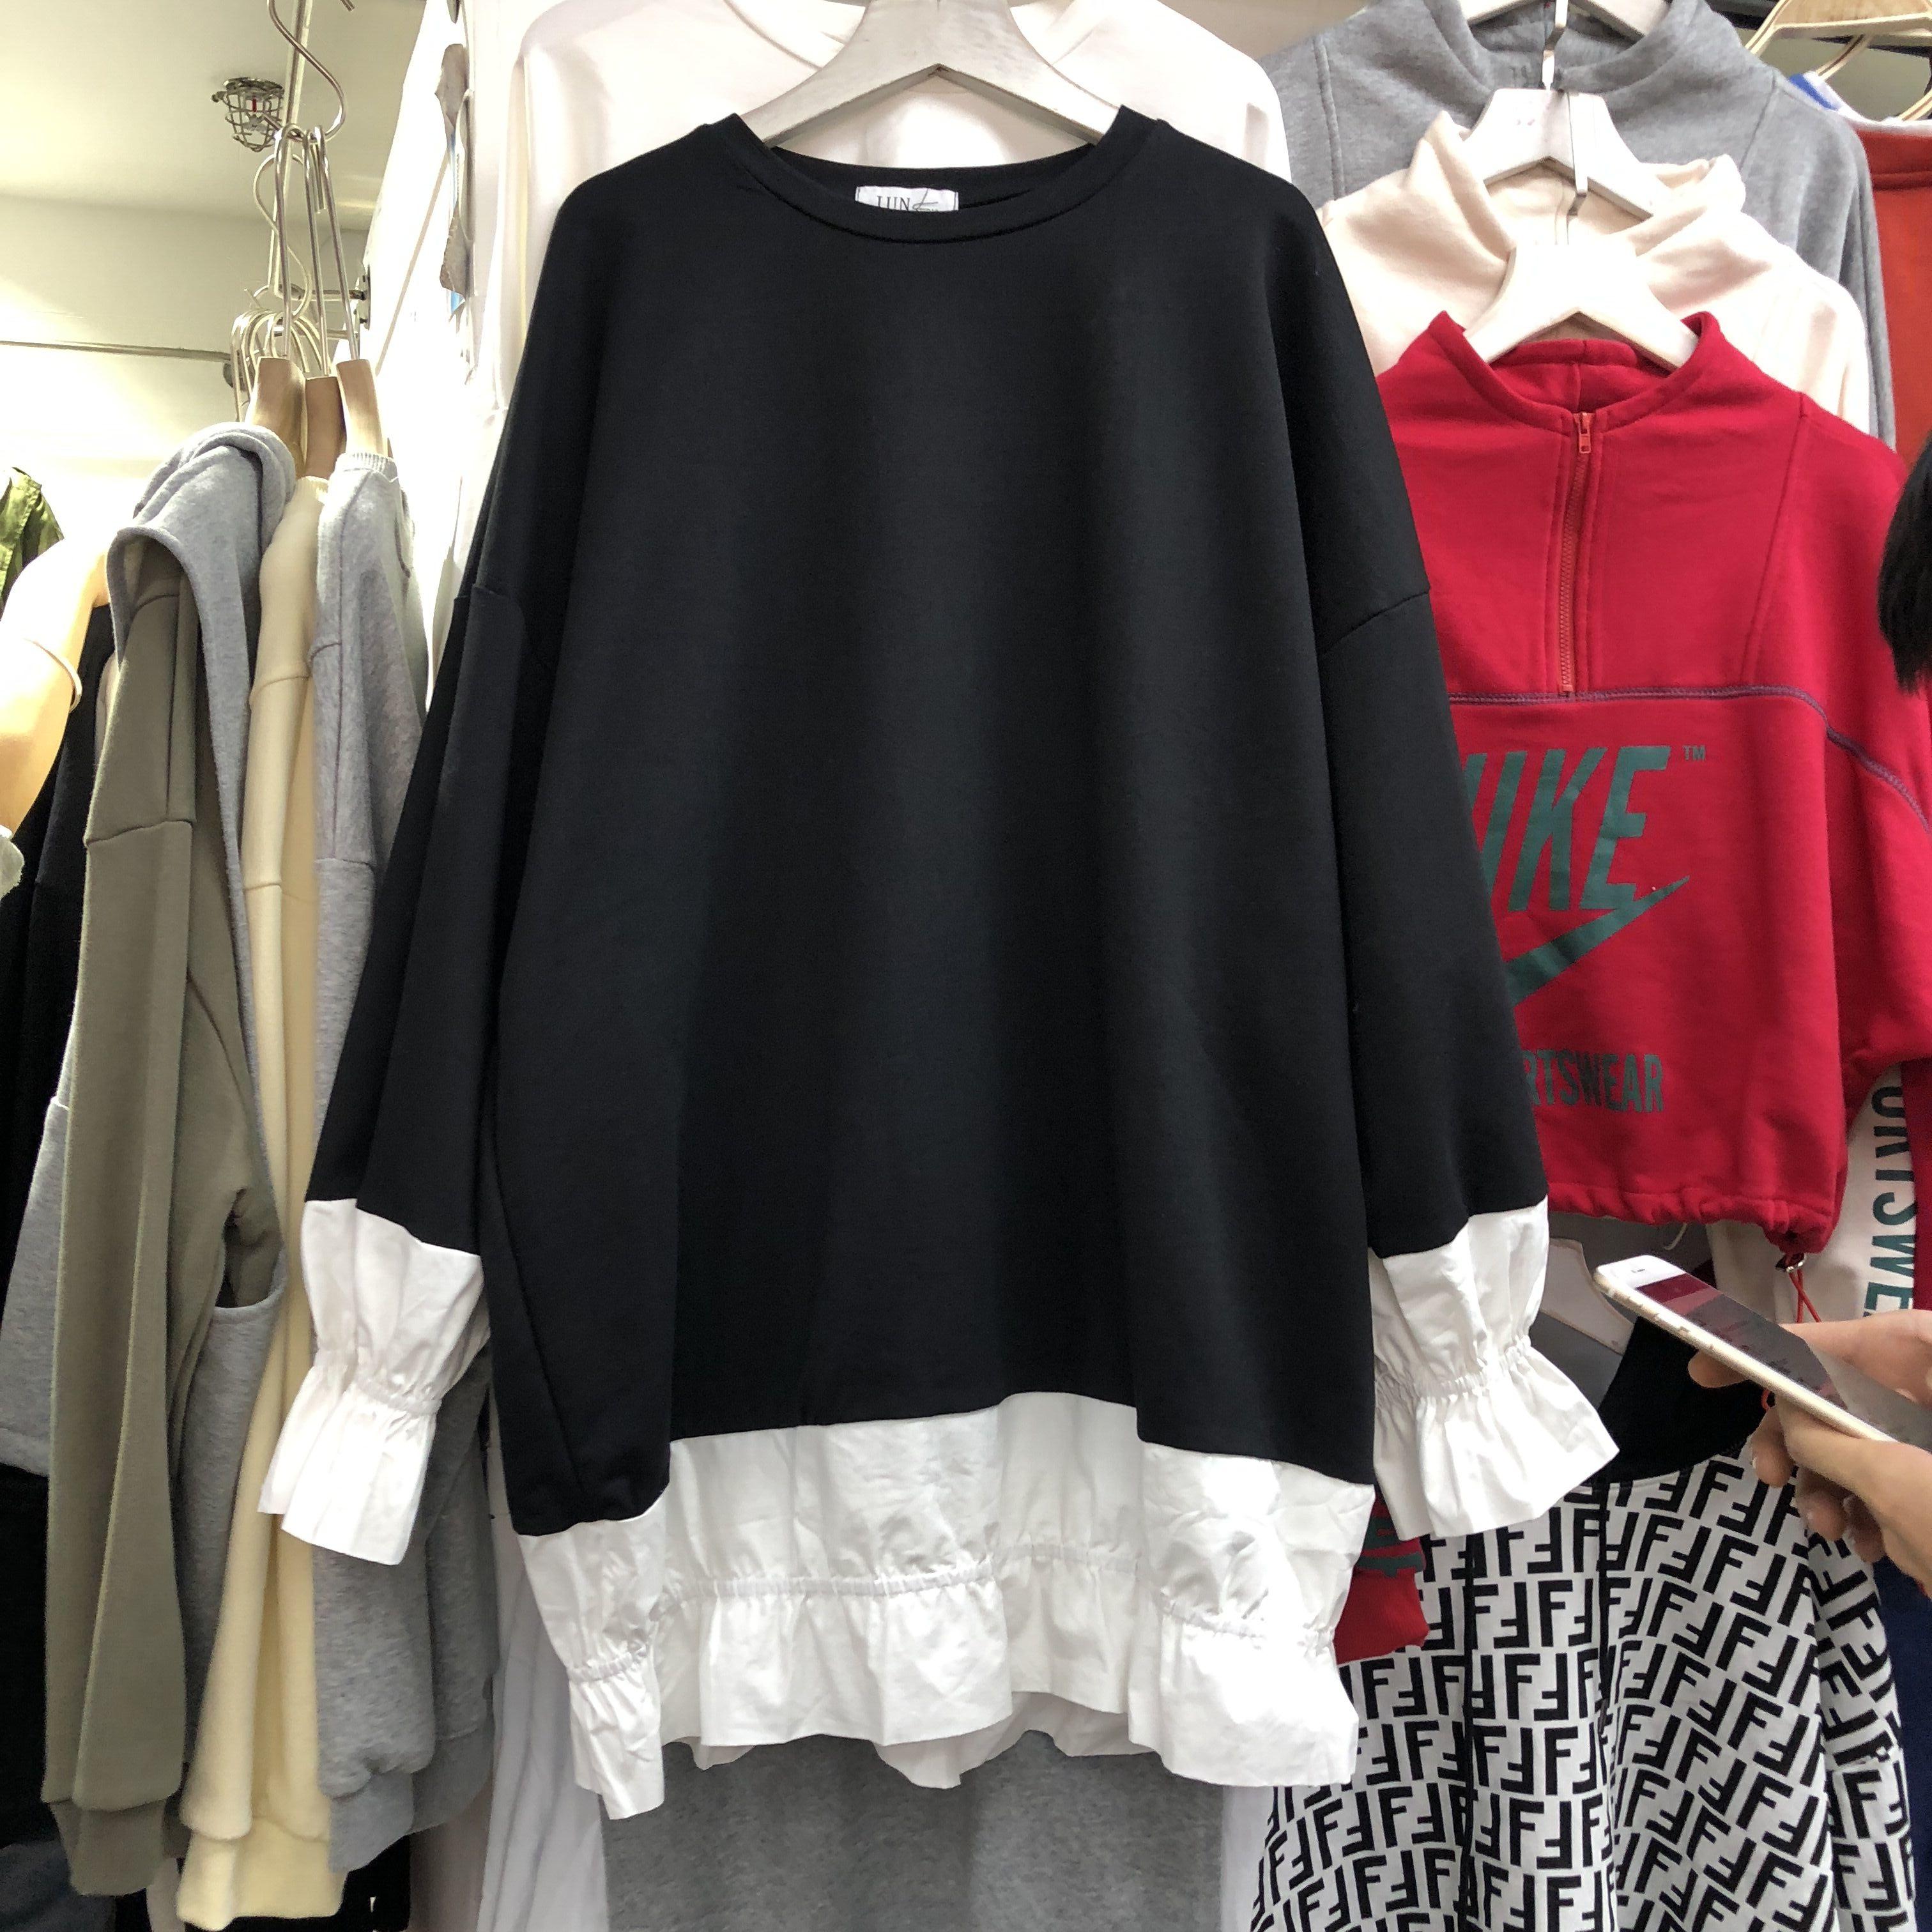 Сращивание рубашка юбка отпуск свитер женщина 2018 осень длина корейский свободный с длинными рукавами и круглым воротом платье 576440592239